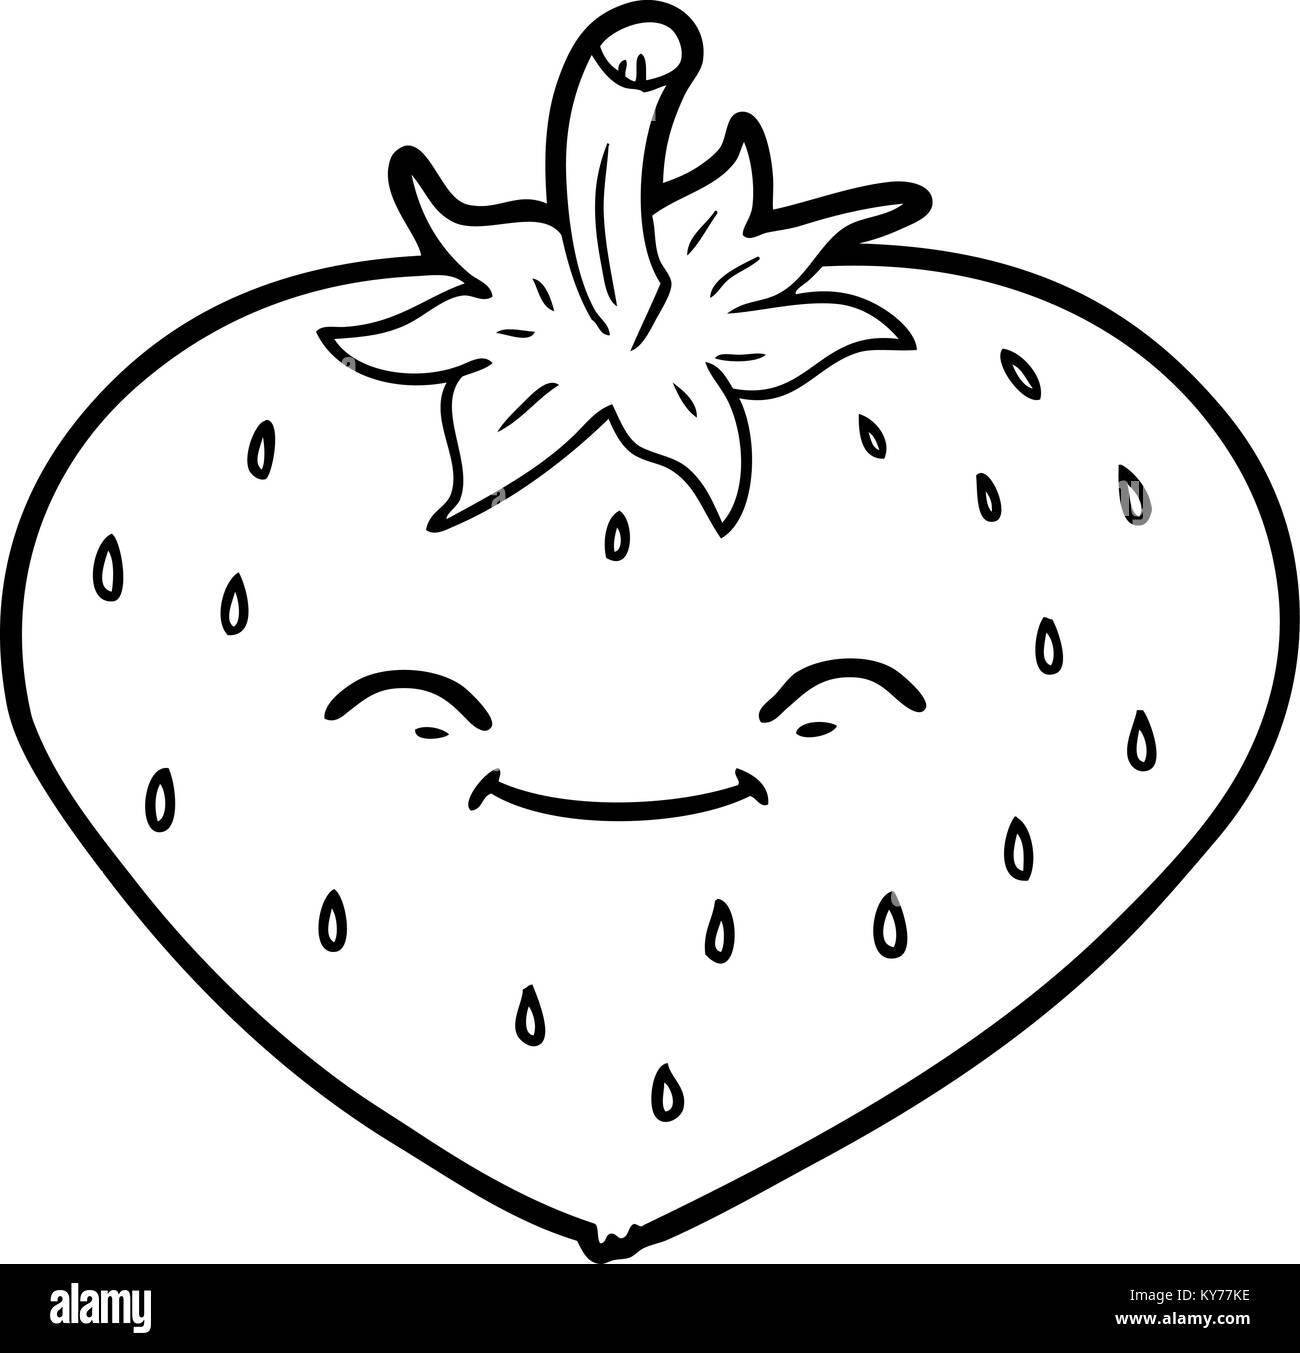 Fraise Dessin Anime Vecteurs Et Illustration Image Vectorielle